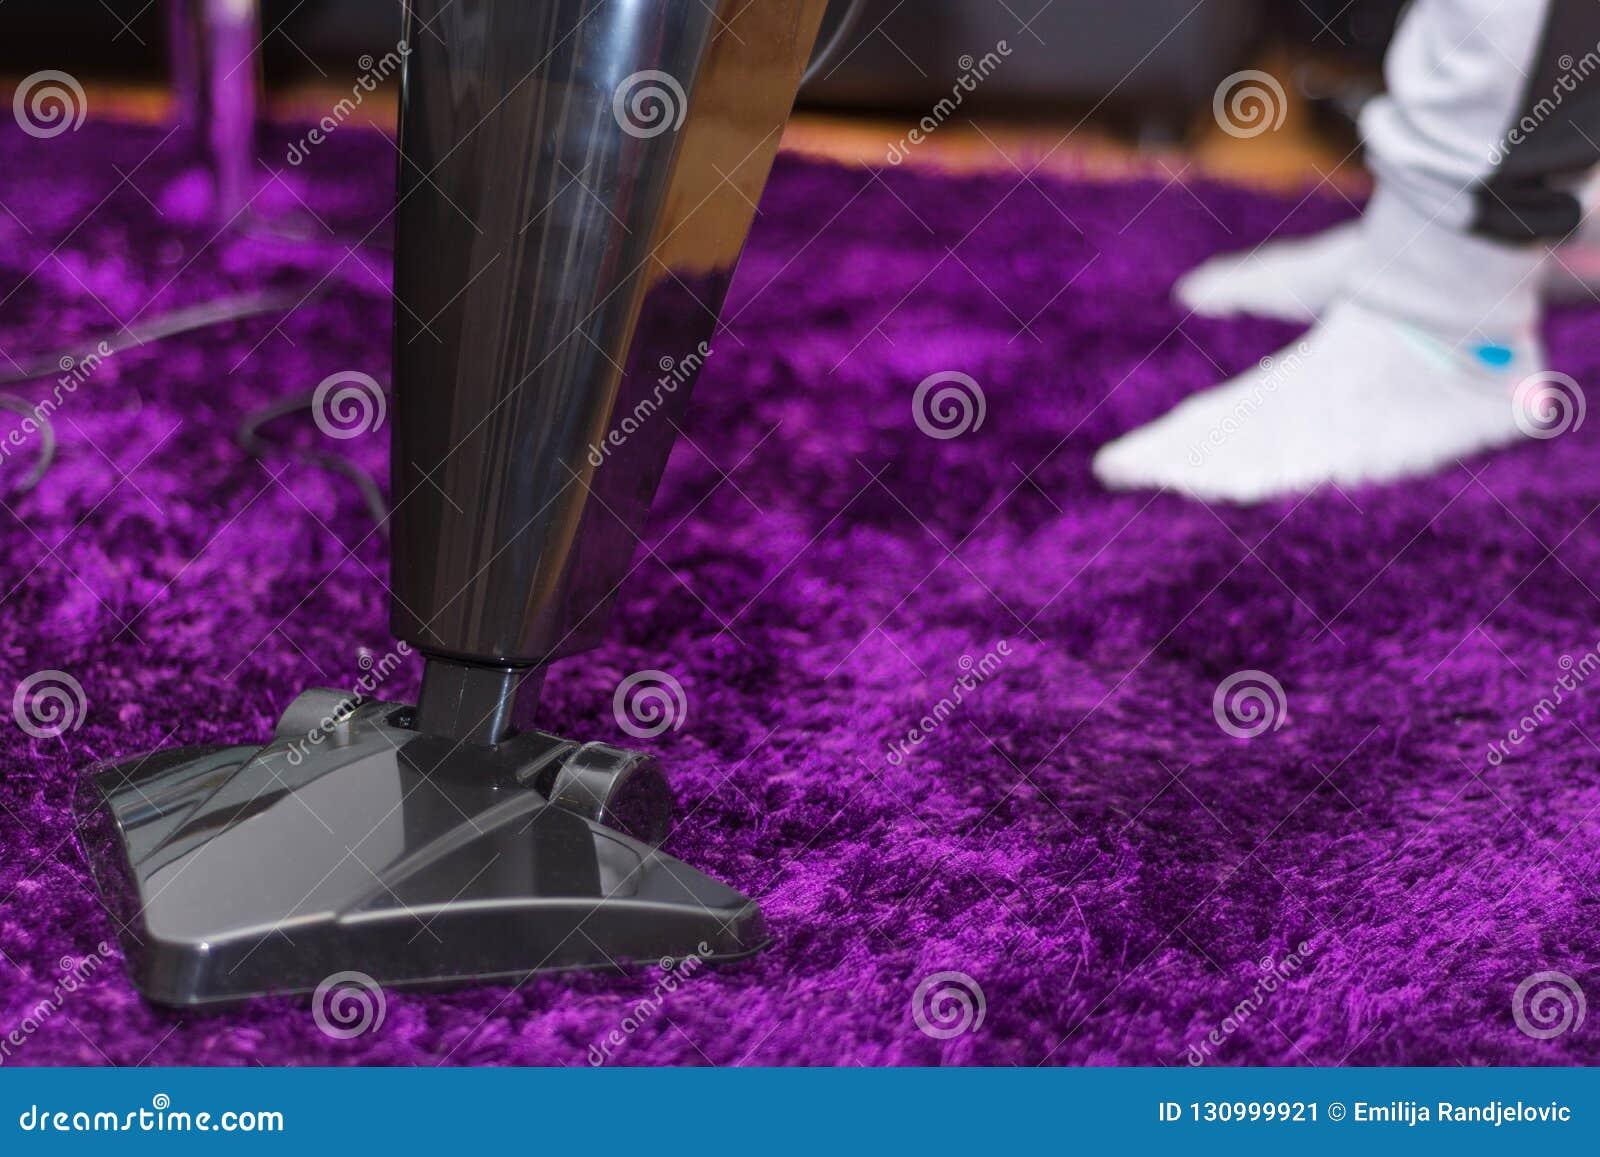 清洗紫色地毯的妇女与现代吸尘器在客厅